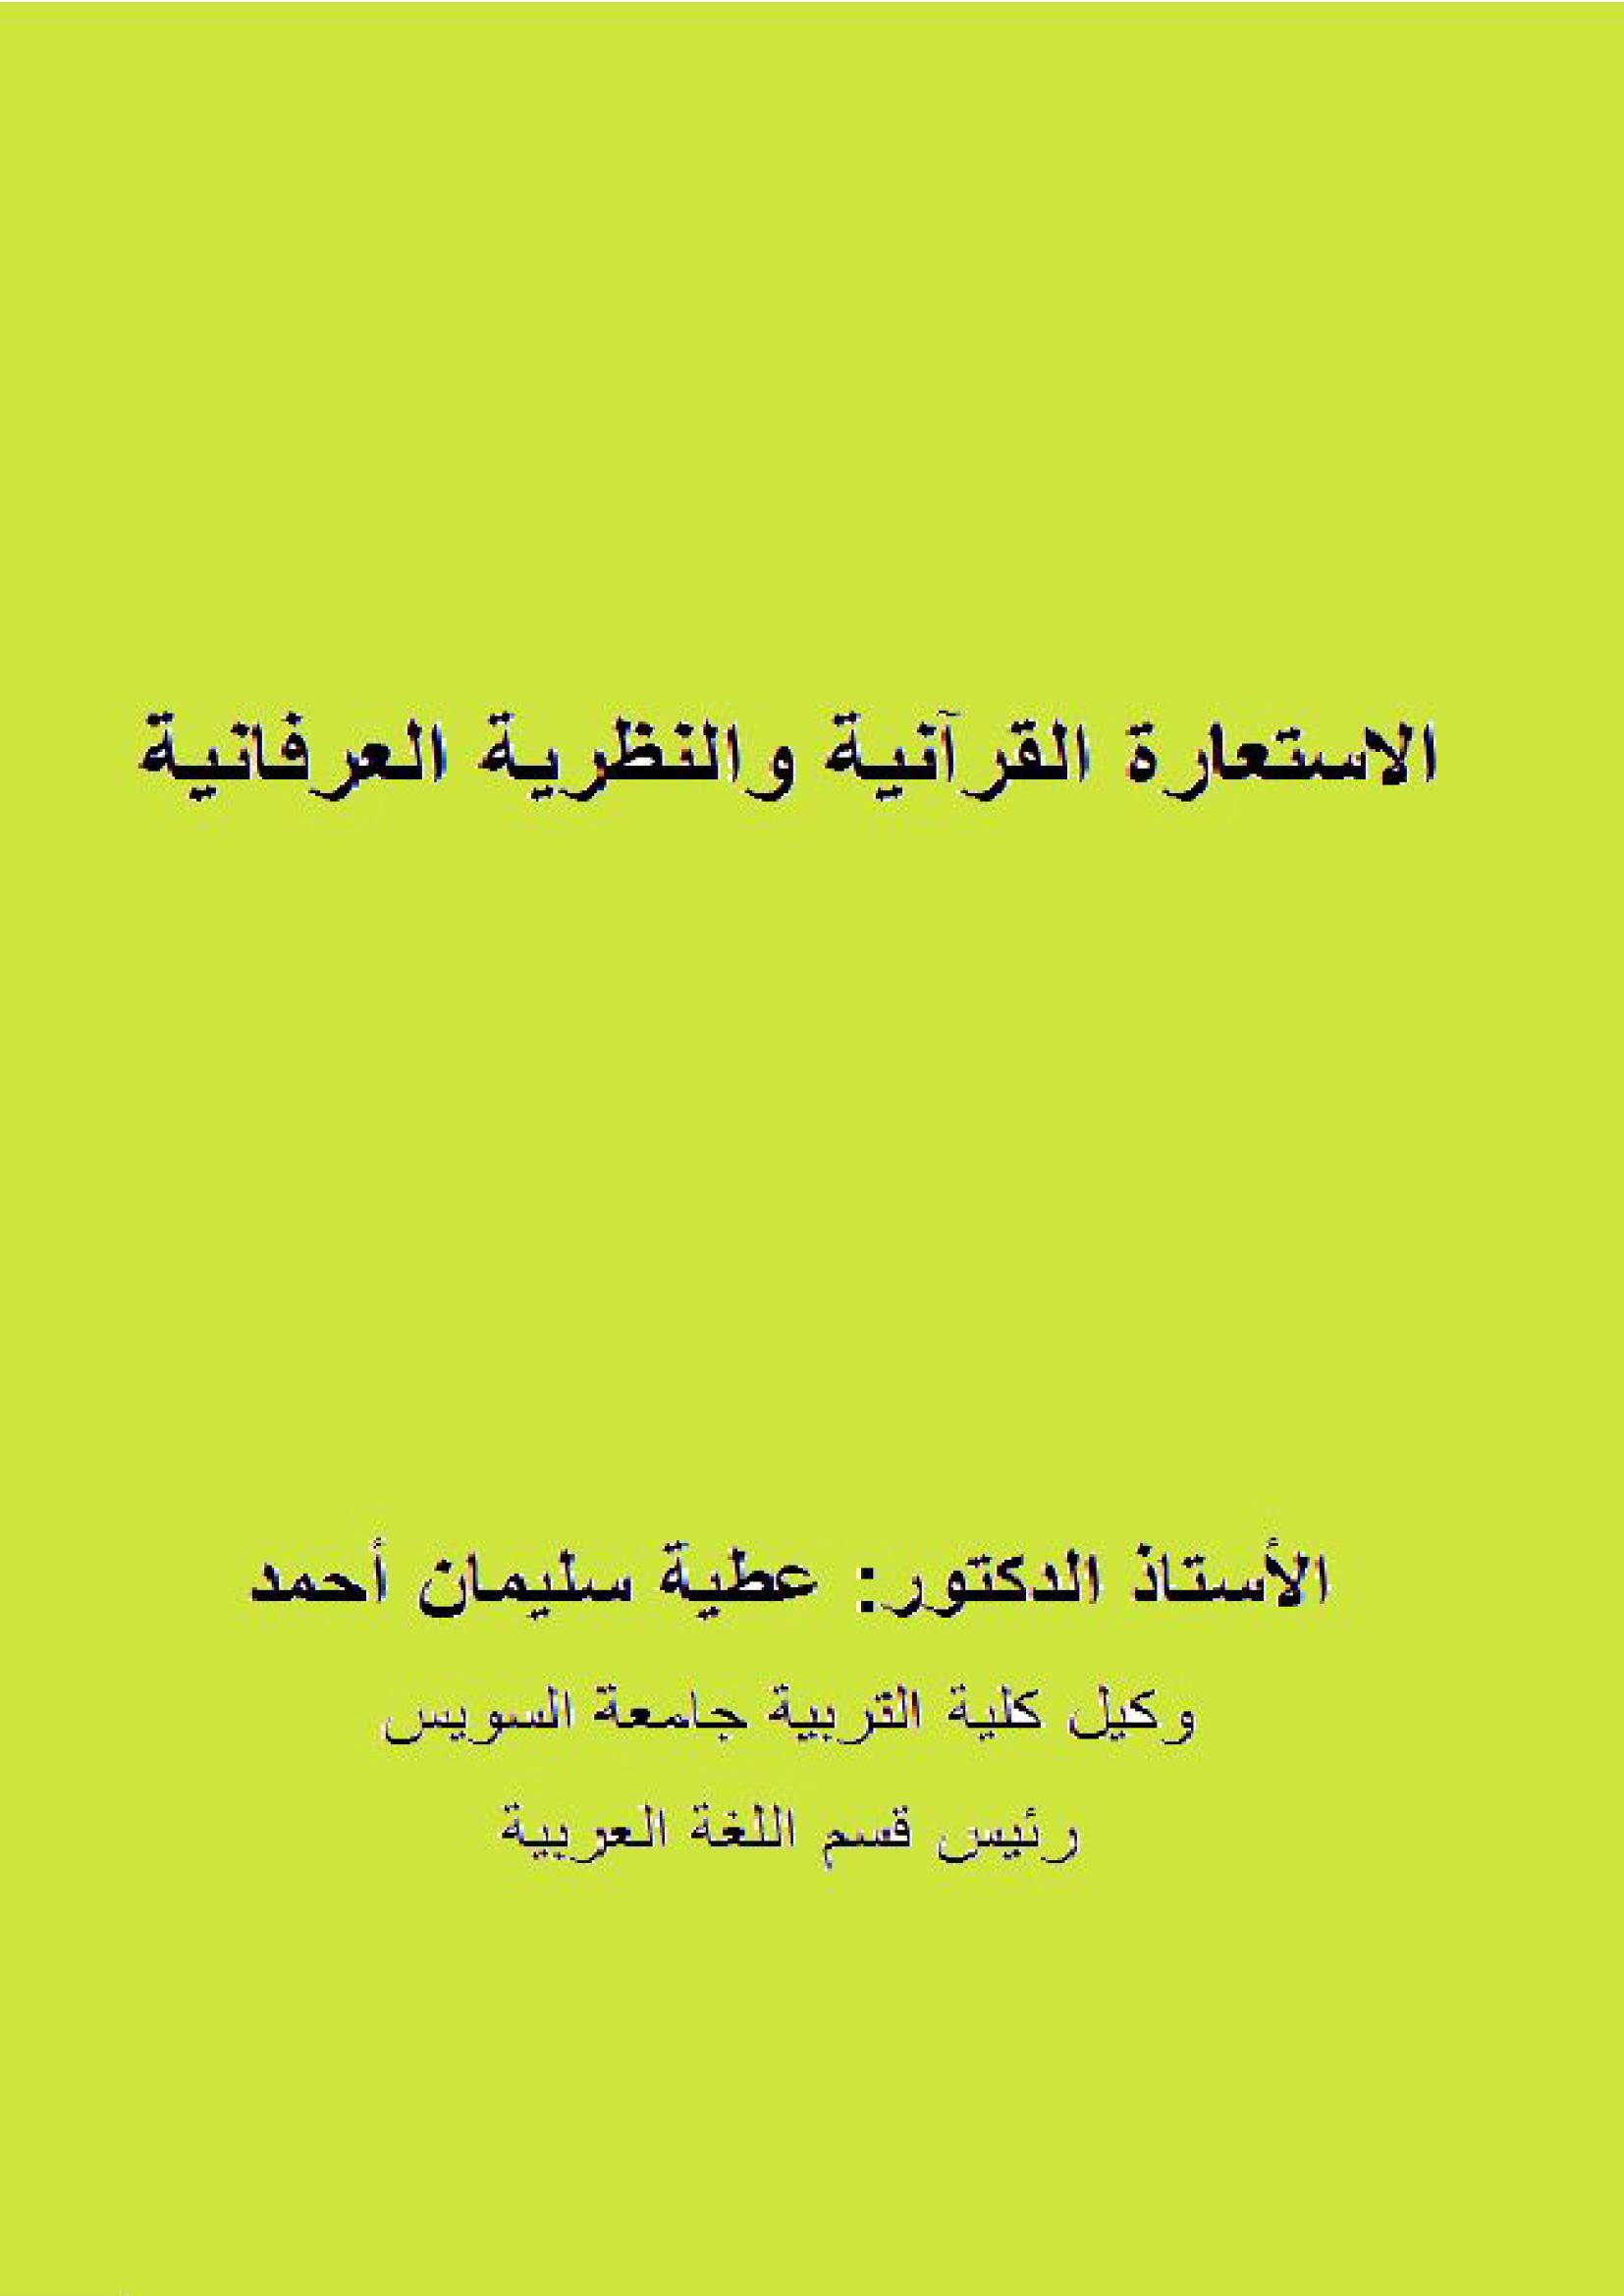 الاستعارة القرآنية والنظرية العرفانية - عطية سليمان أحمد